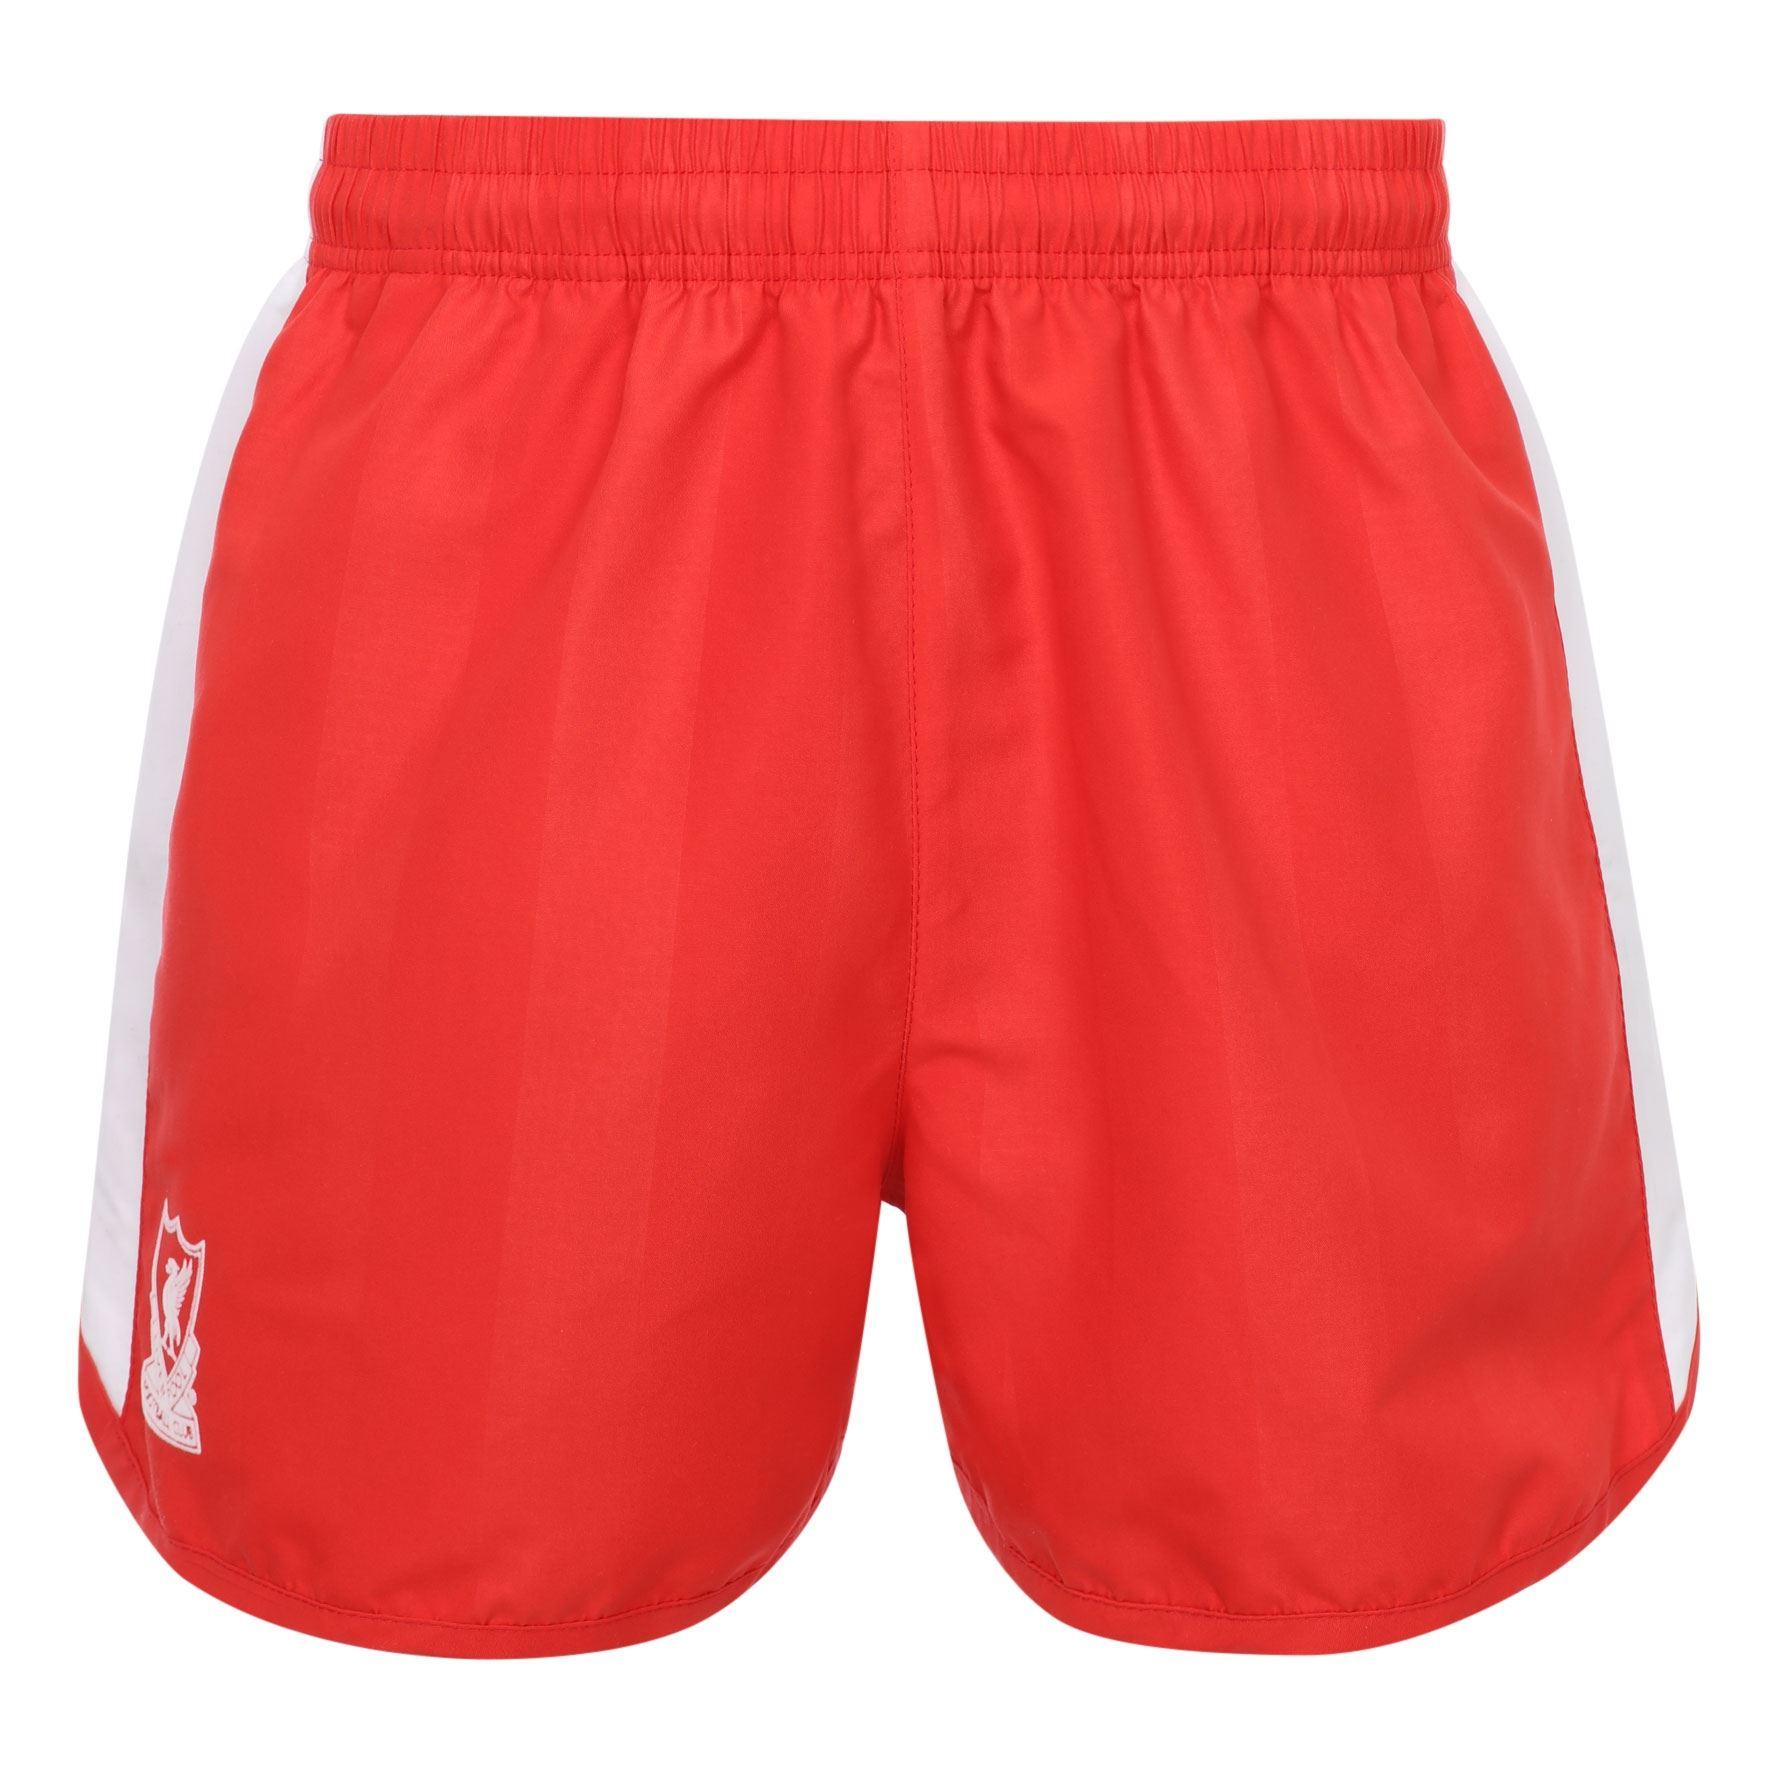 80s shorts mens